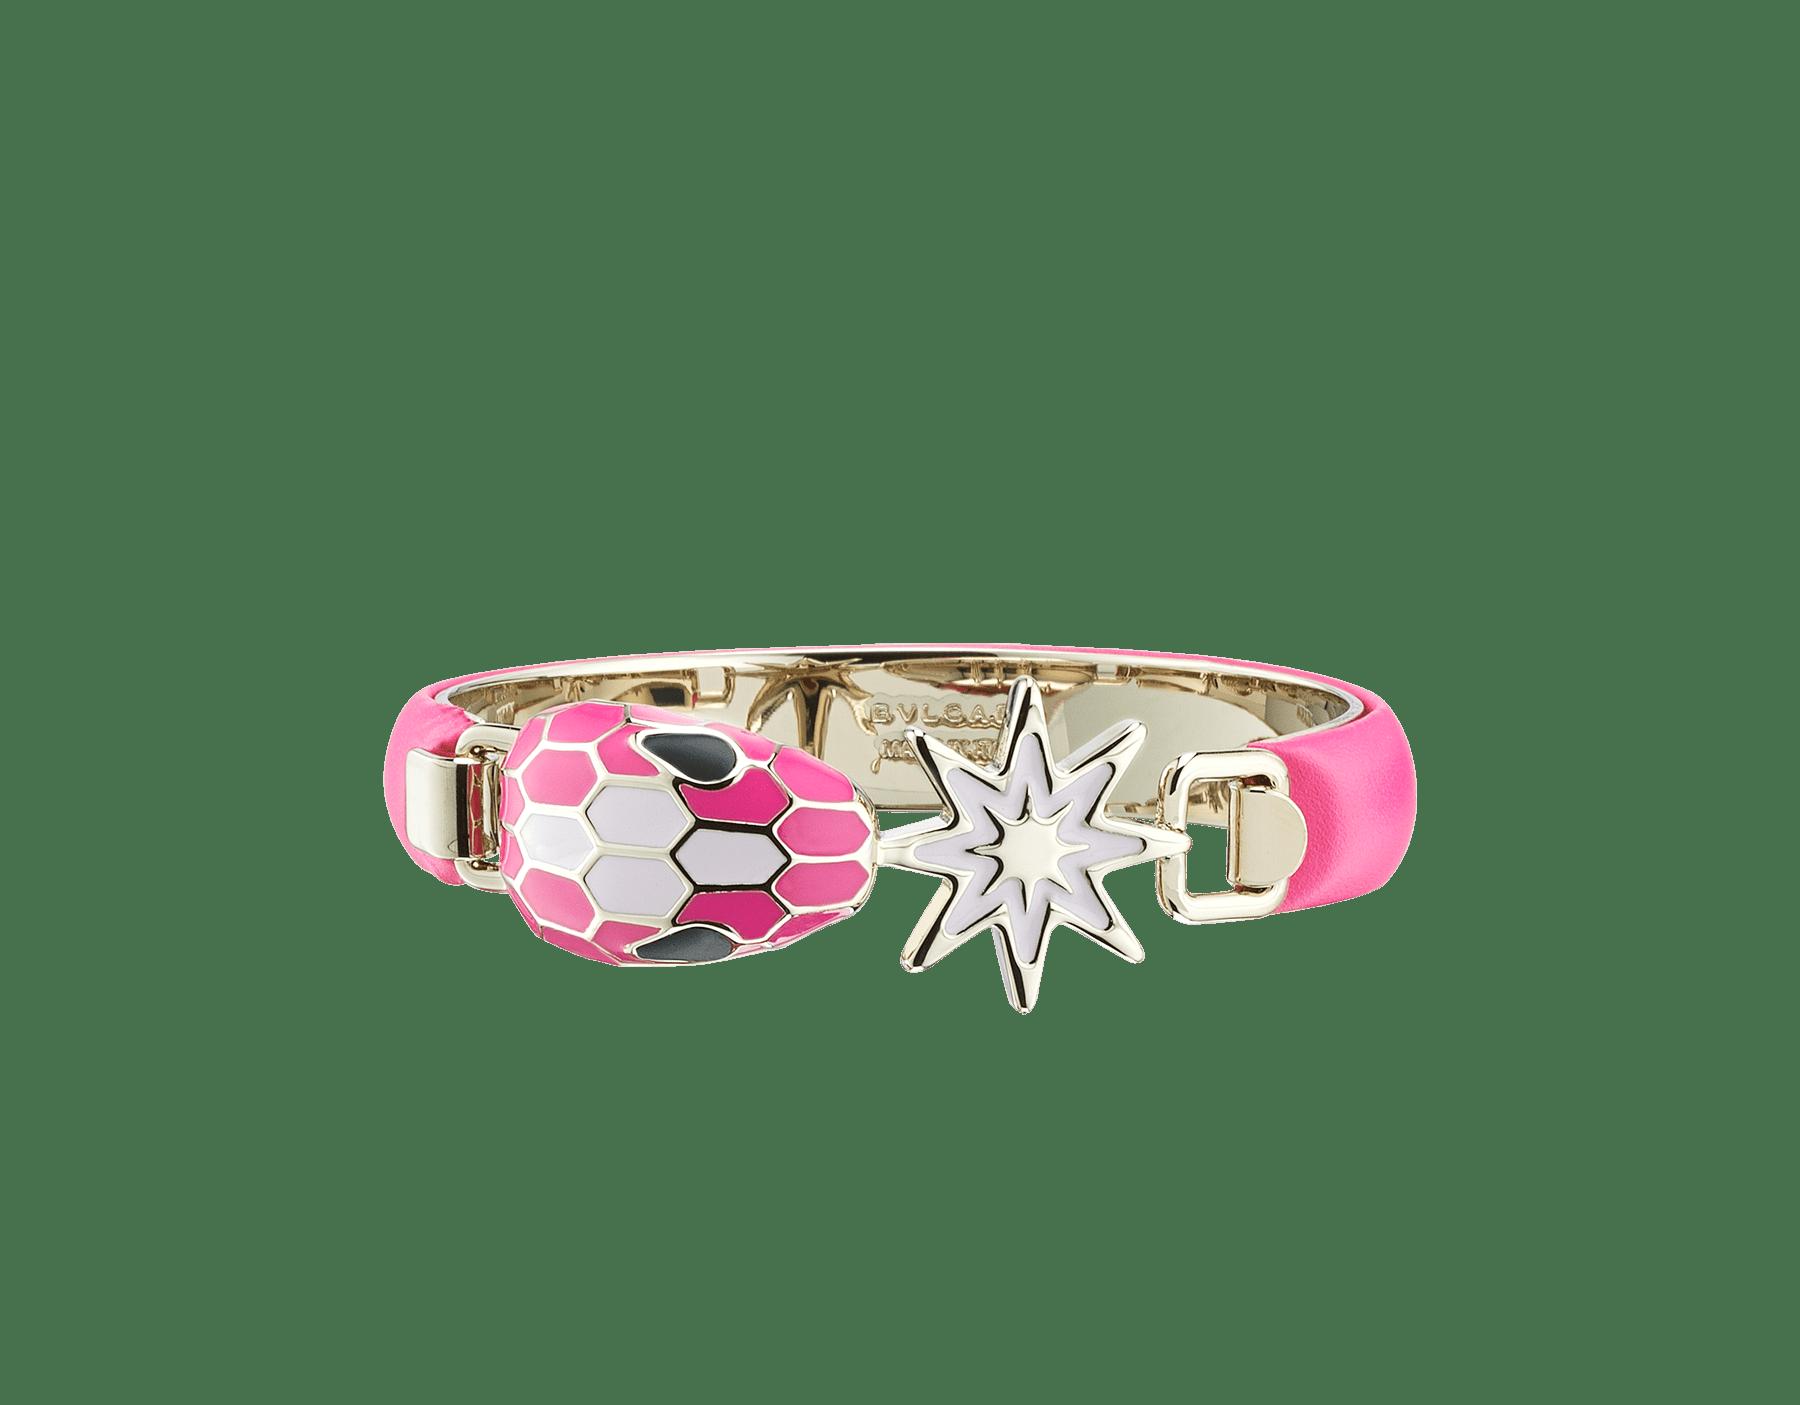 Serpenti Forever Armreif aus Kalbsleder in Flash Amethyst mit Metall-Elementen aus hell vergoldetem Messing. Schlangenkopf-Dekor mit Emaille in Flash Amethyst und Sakura-Rosa sowie Augen aus schwarzem Onyx in Kombination mit einem Stern-Dekor mit acht Spitzen aus rosafarbenem Opal. 289495 image 1